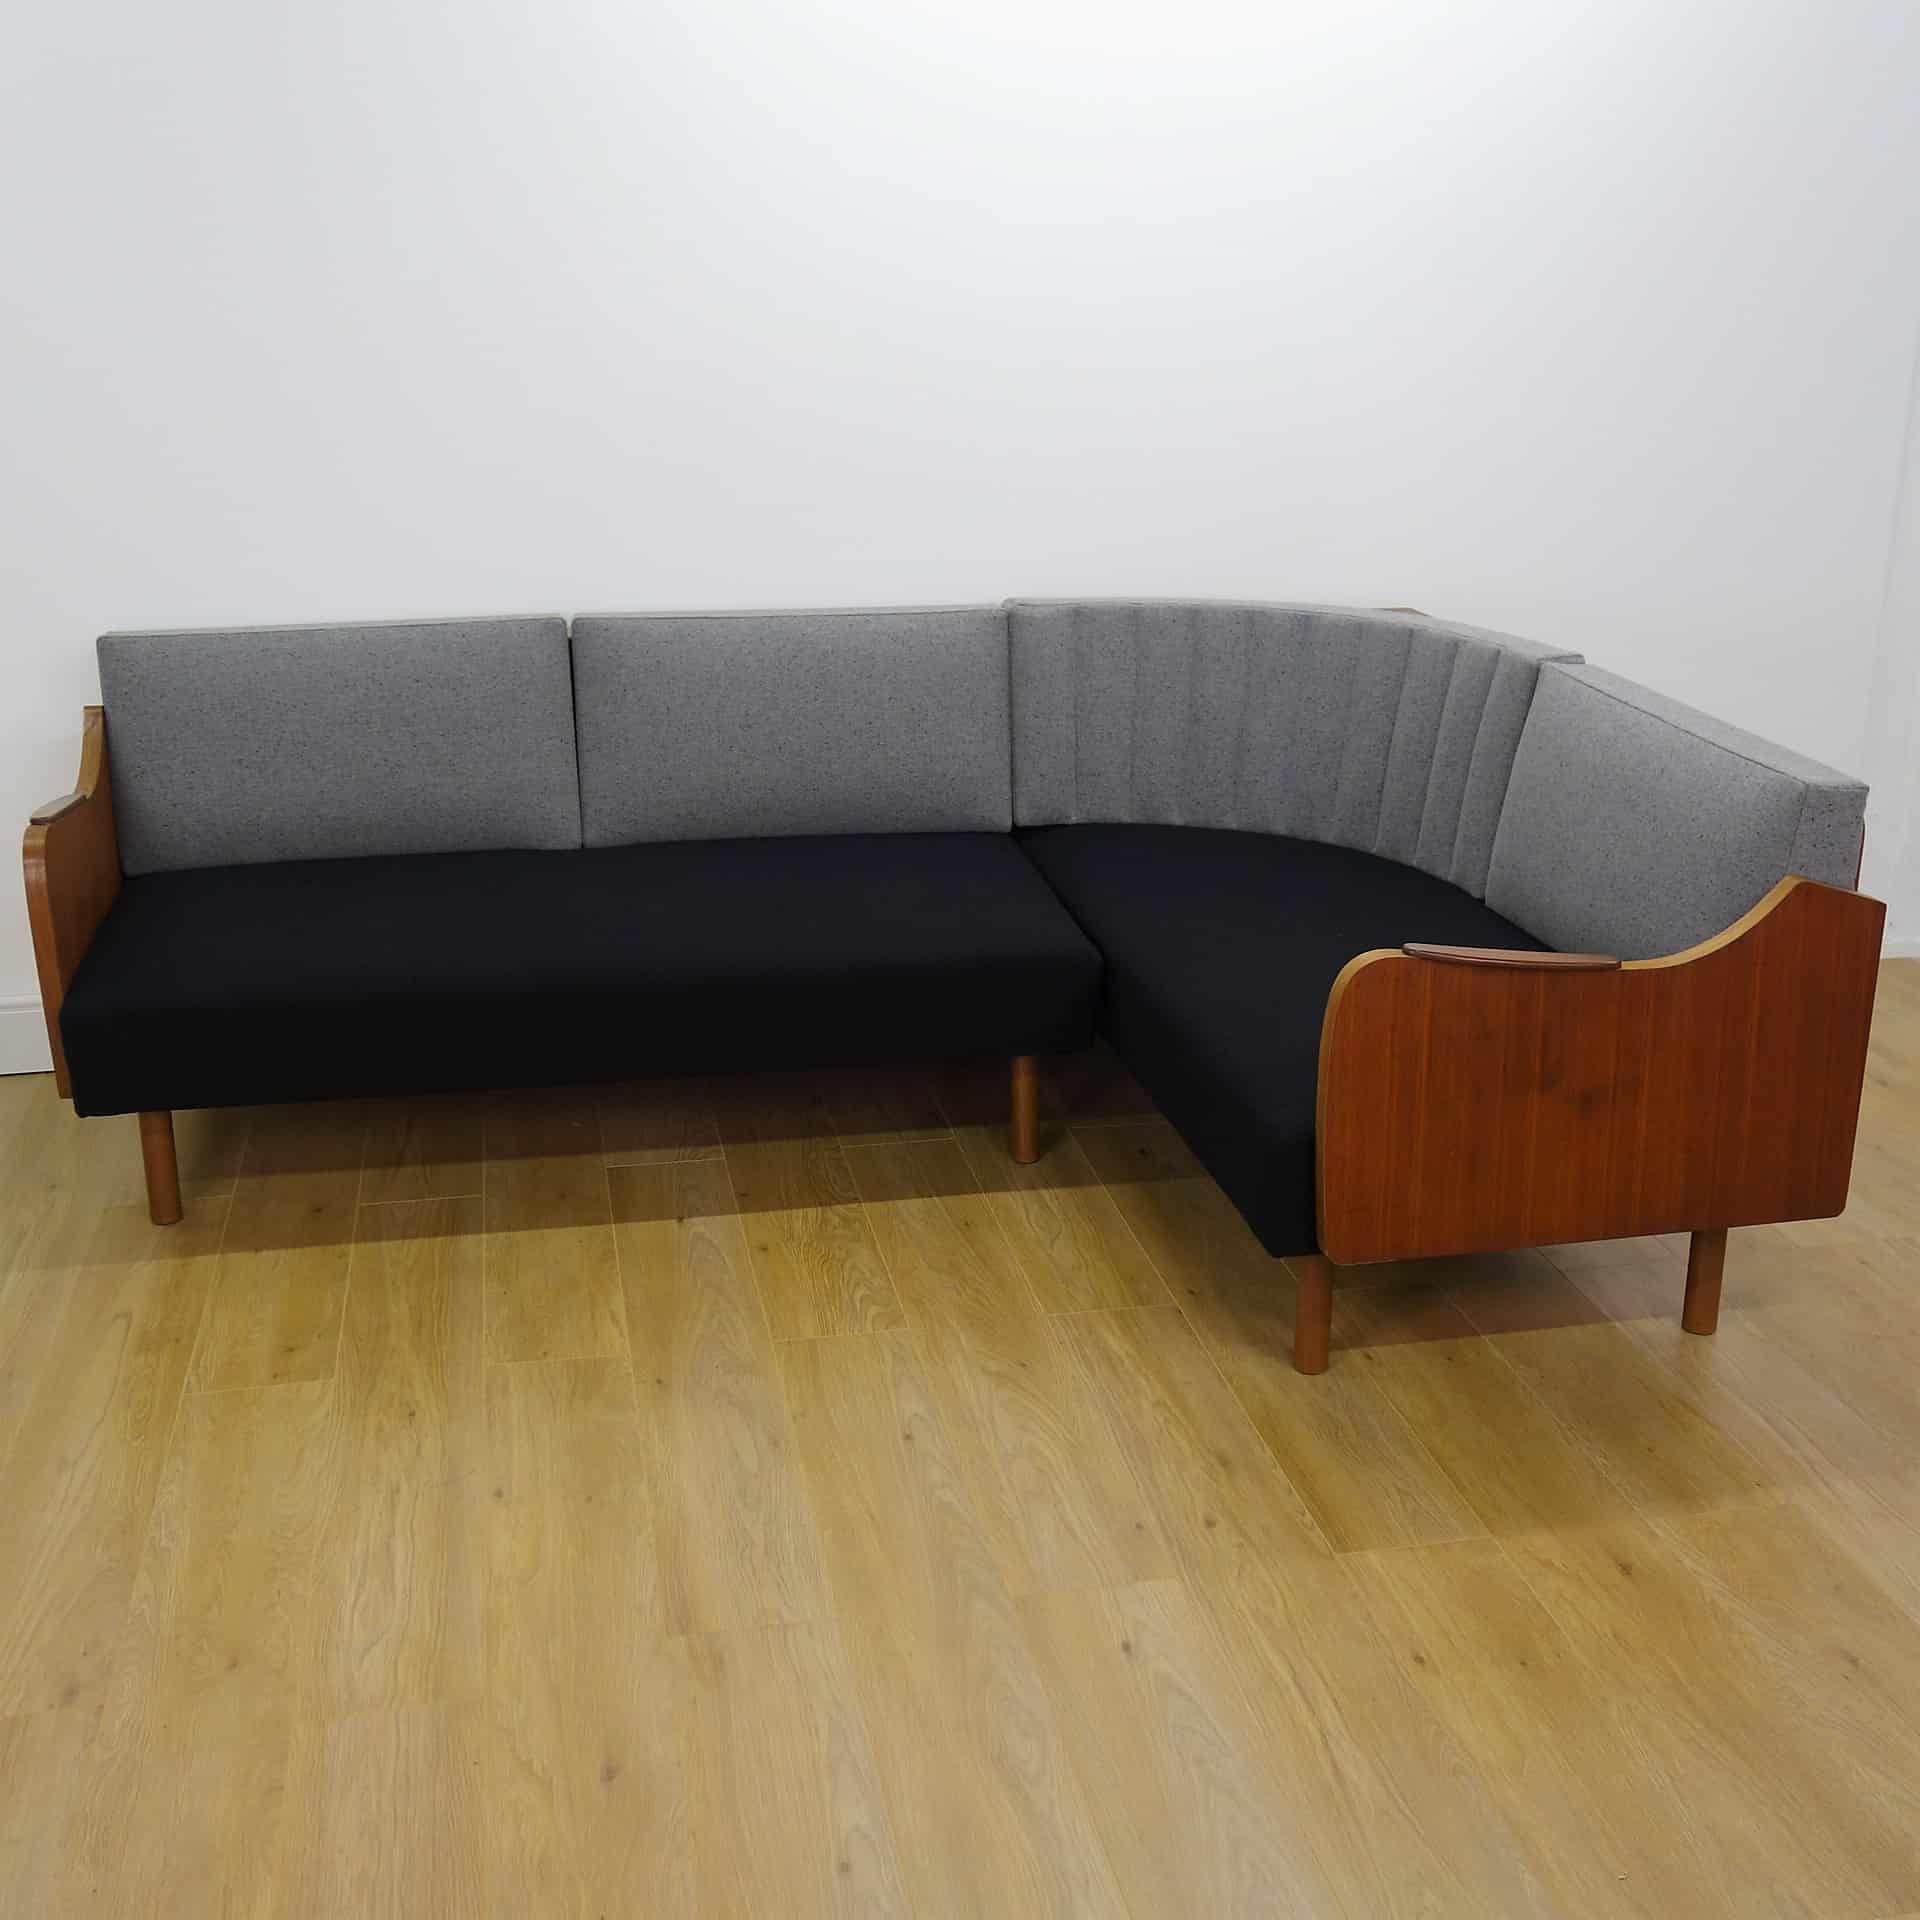 danish style sofa bed uk reupholster diy 1960s teak corner day mark parrish mid